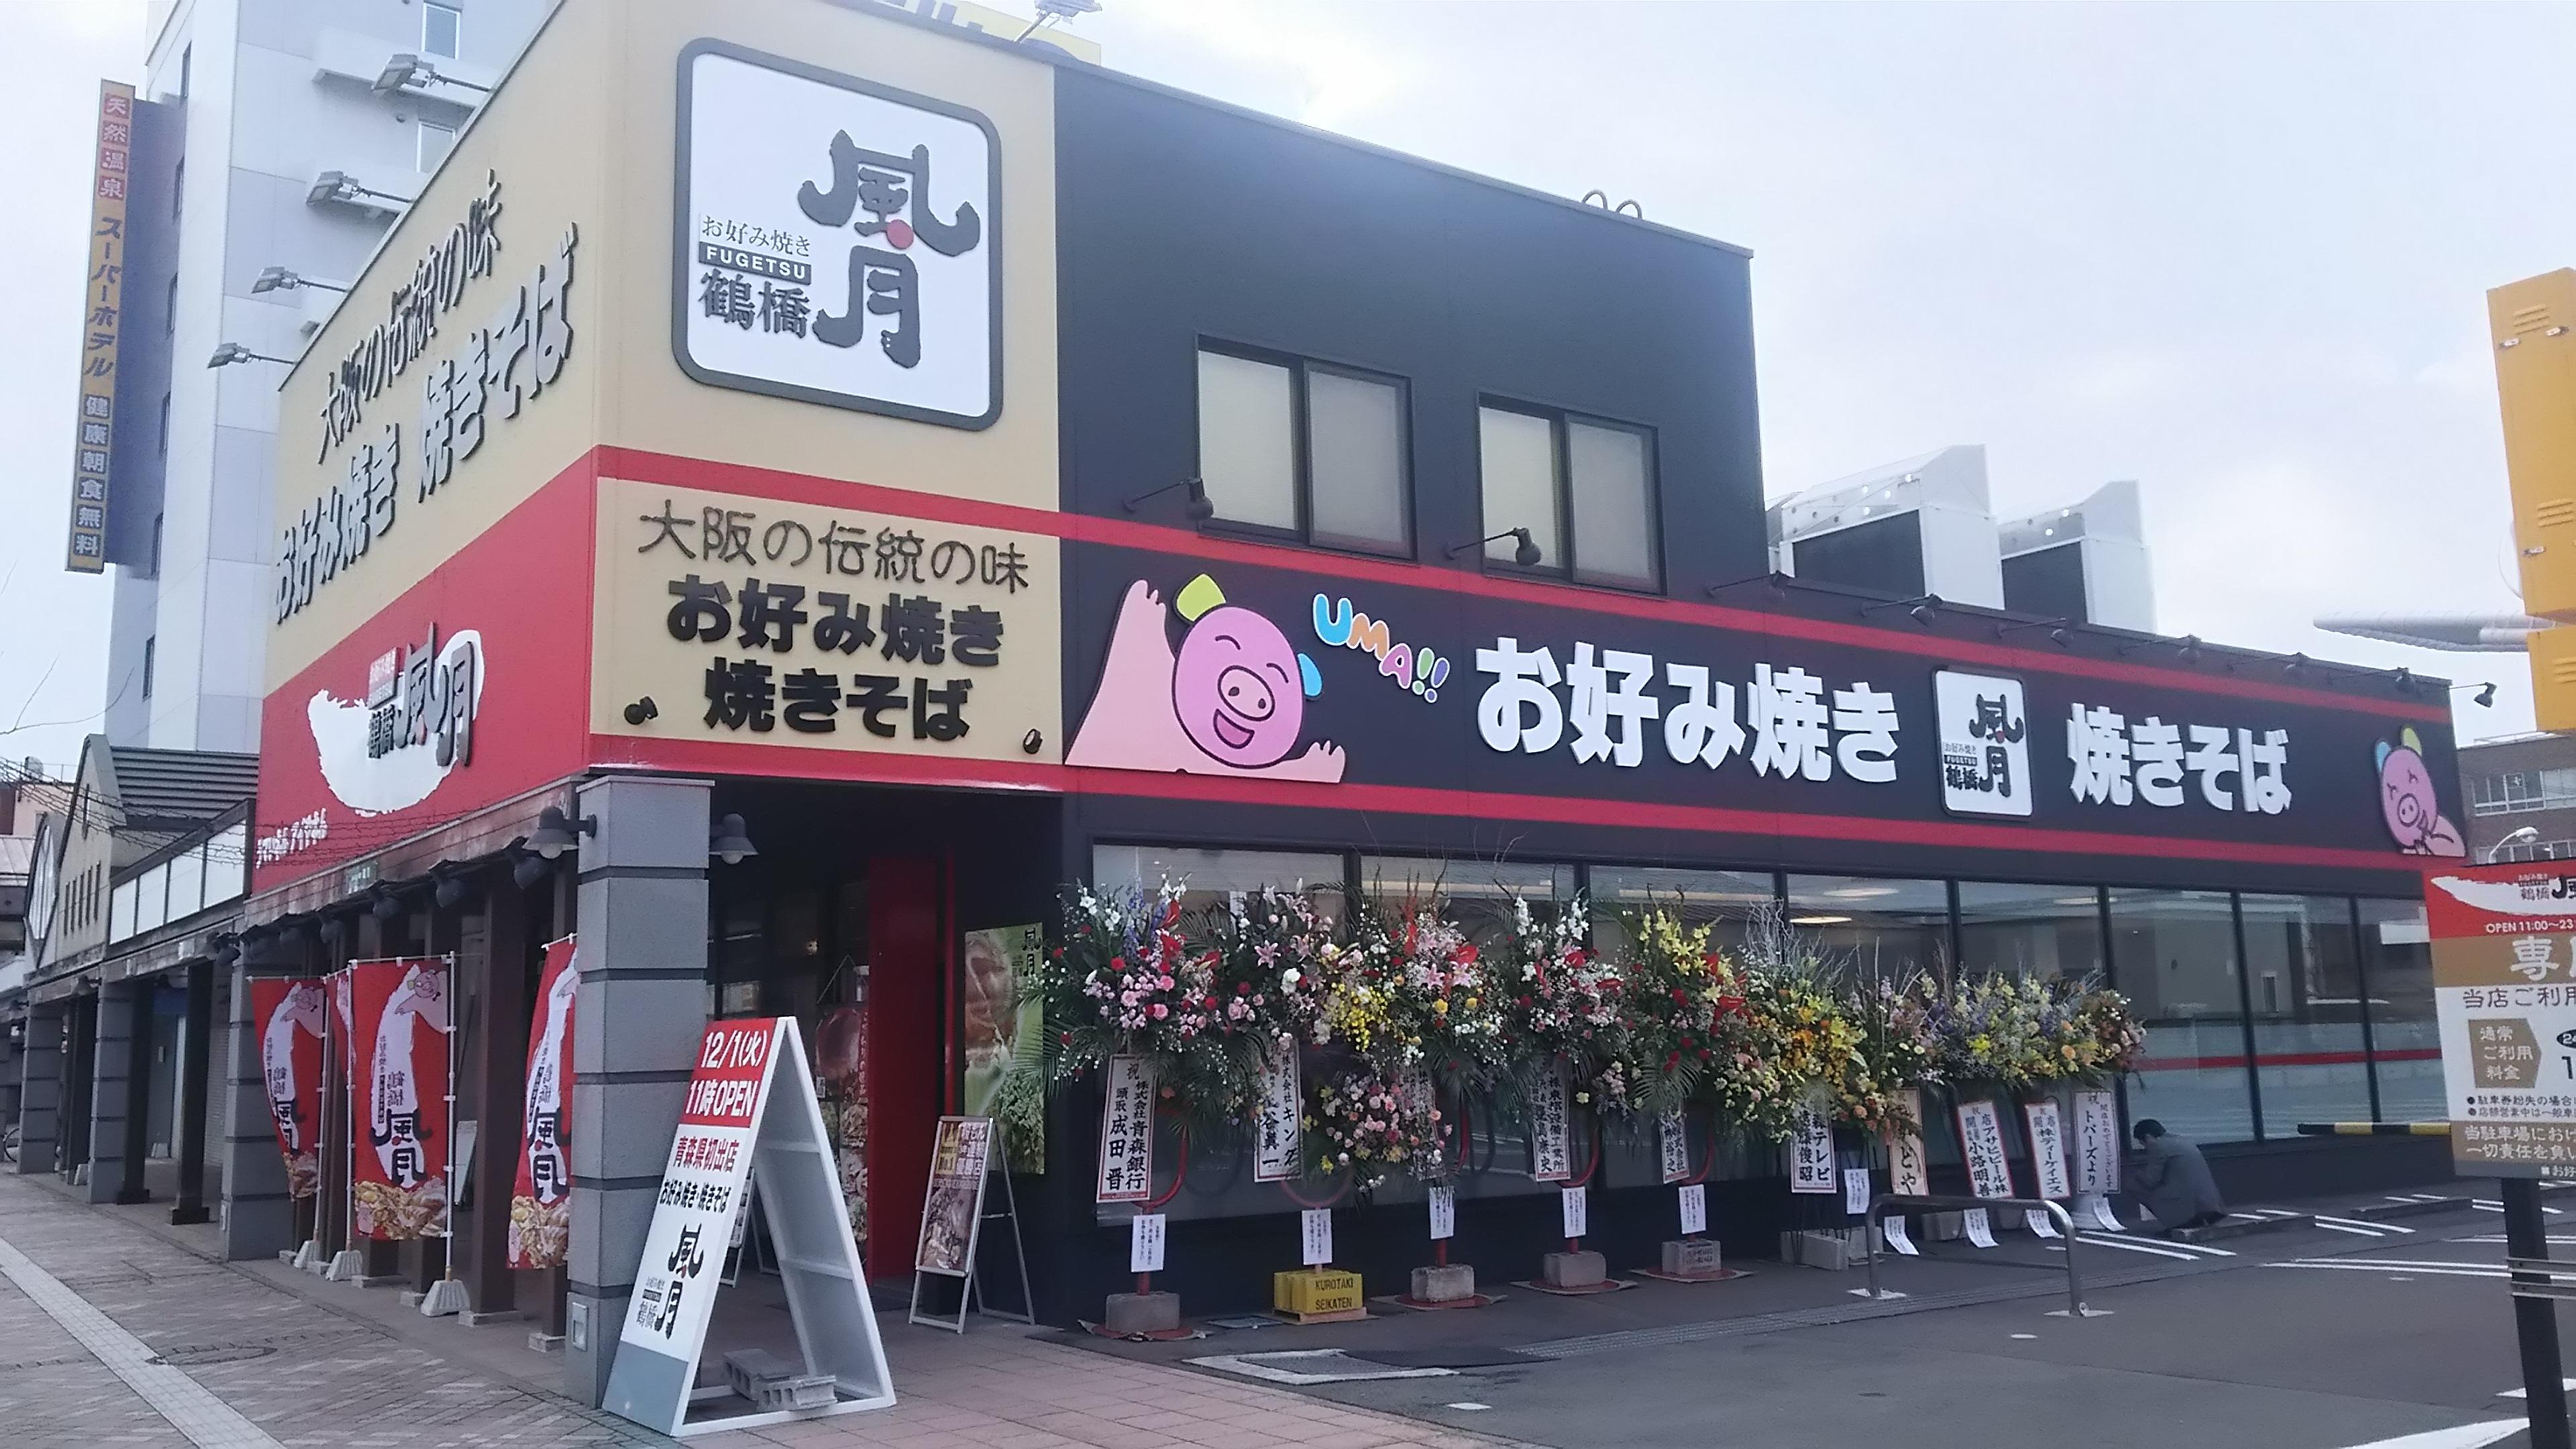 鶴橋風月 弘前店新装工事